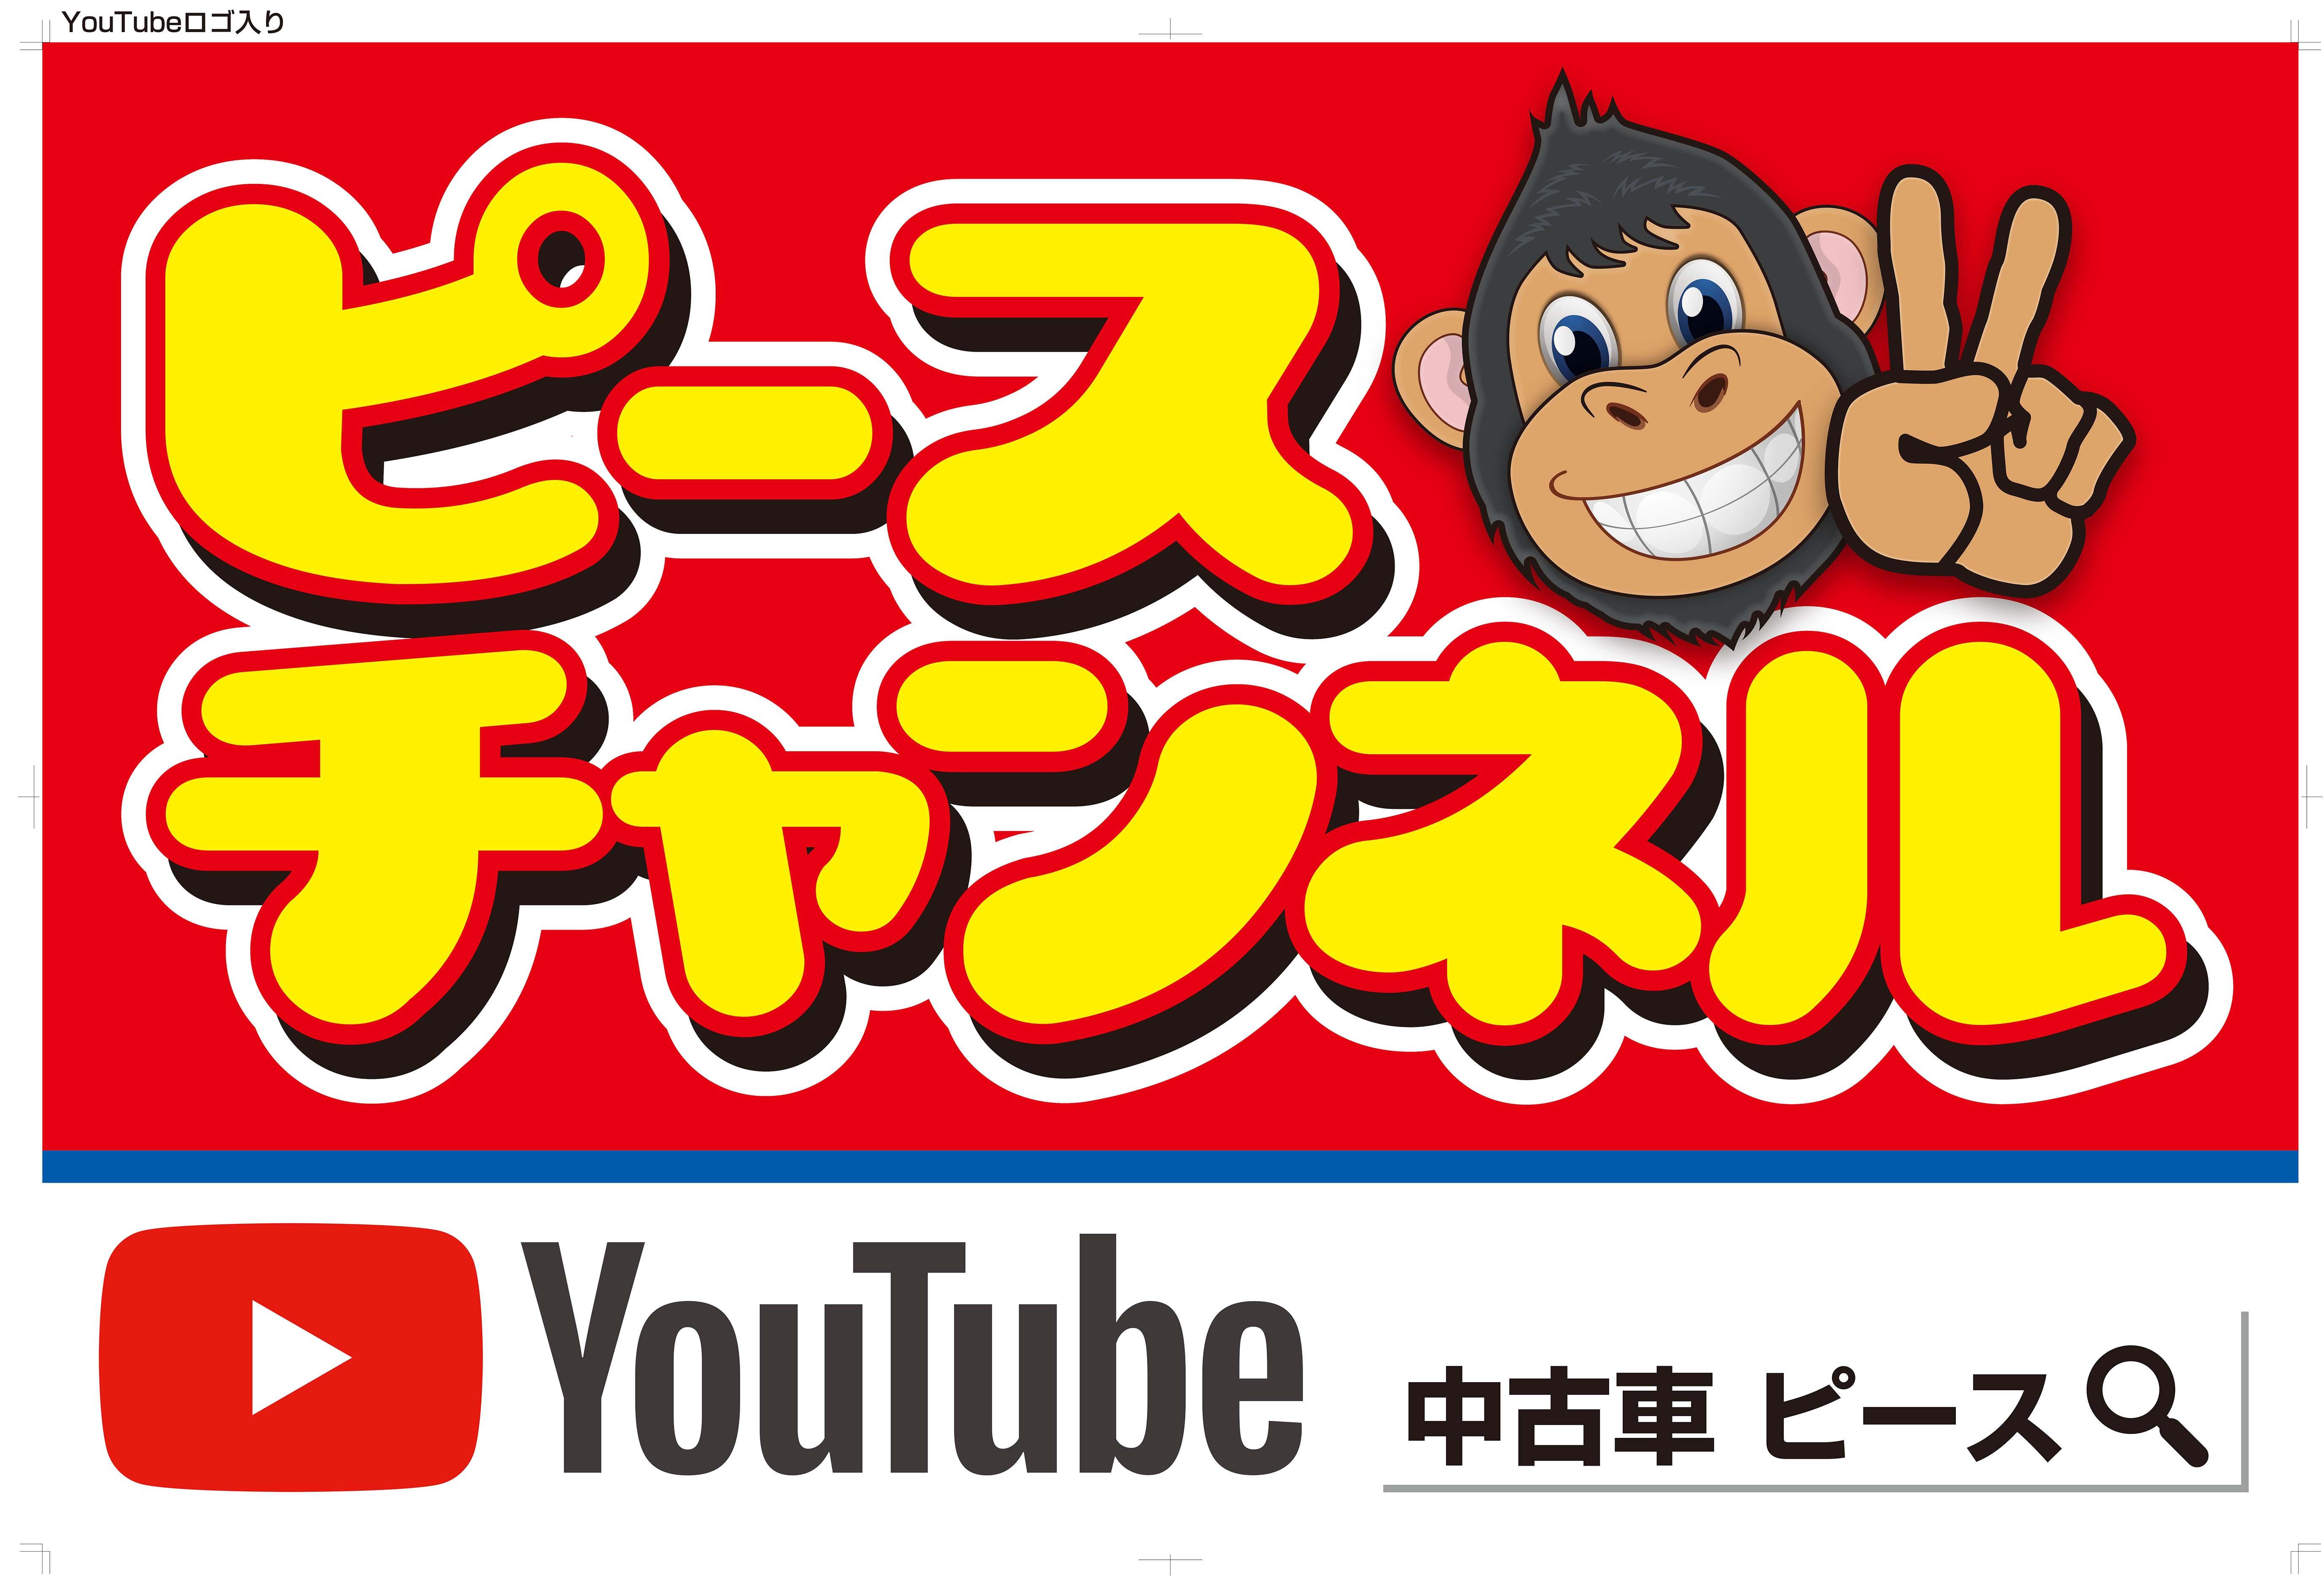 YouTubeピースチャンネル